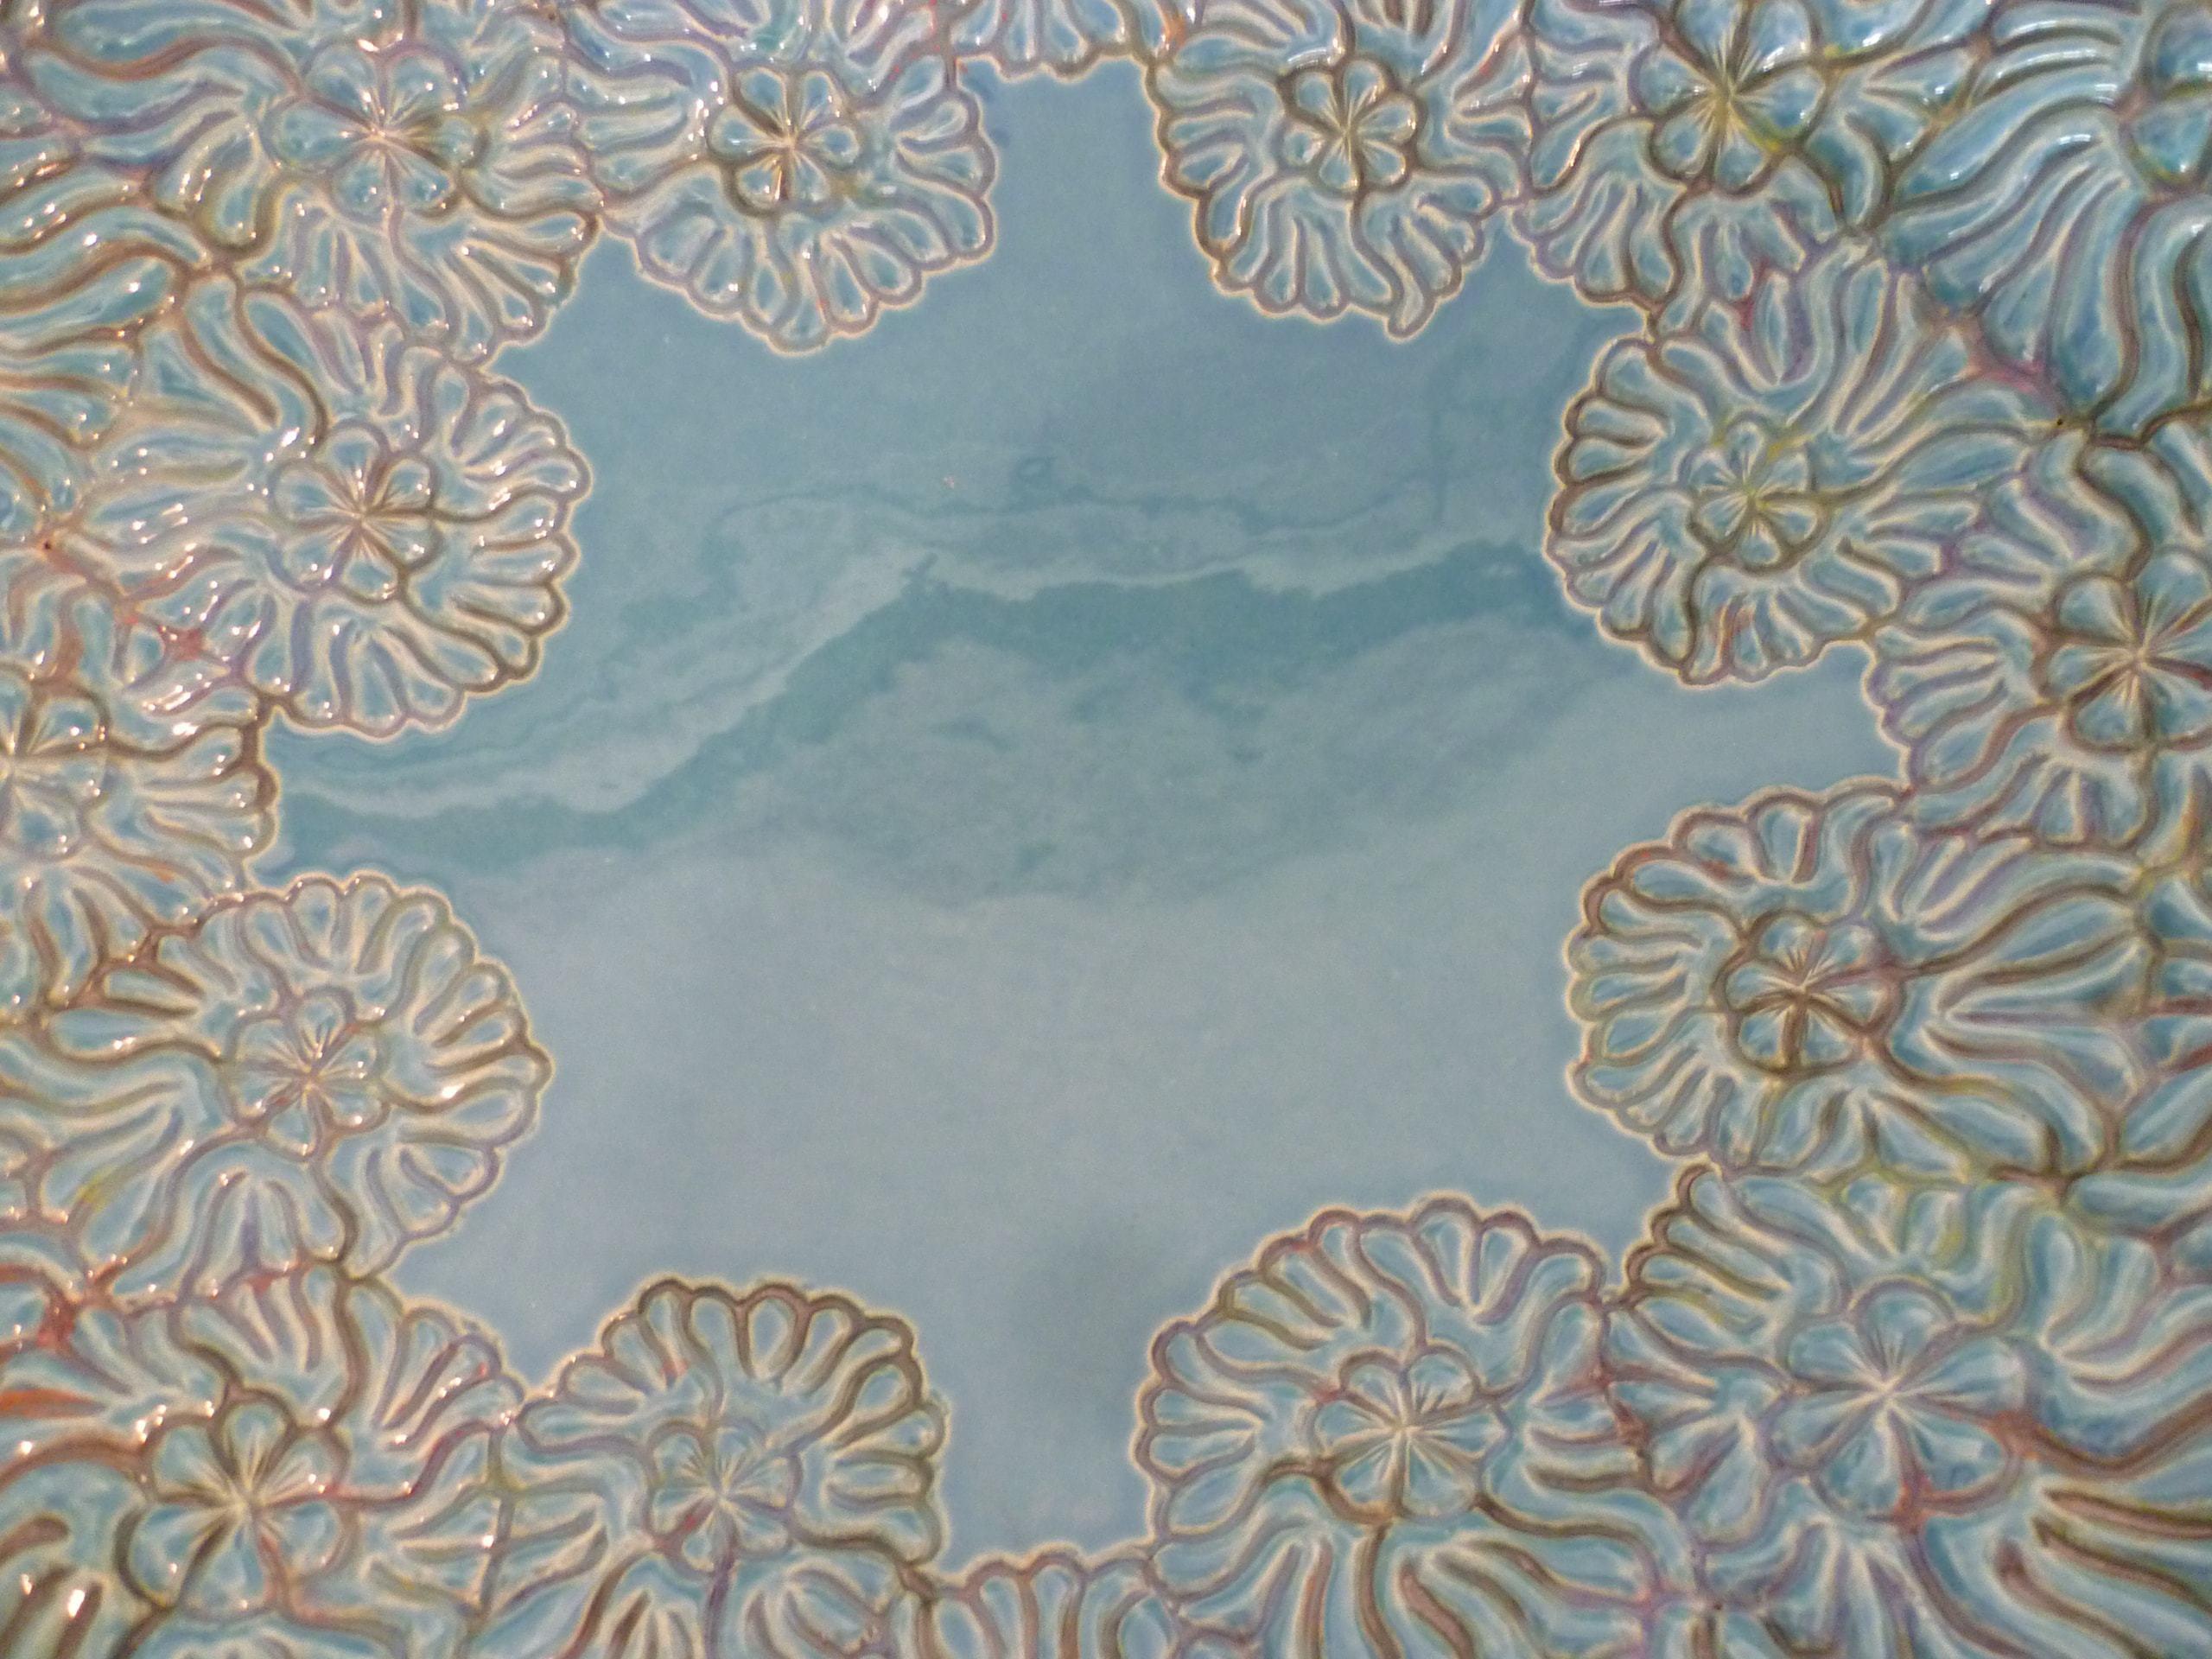 grote bloemen schaal, detail